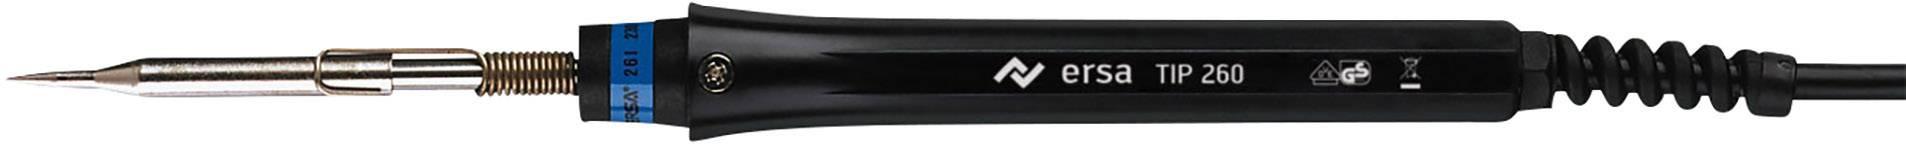 Panne de fer /à souder forme de crayon s ERSADUR Ersa 162 BD 0162BD//10 Taille de la panne 1.1 mm 1 pc